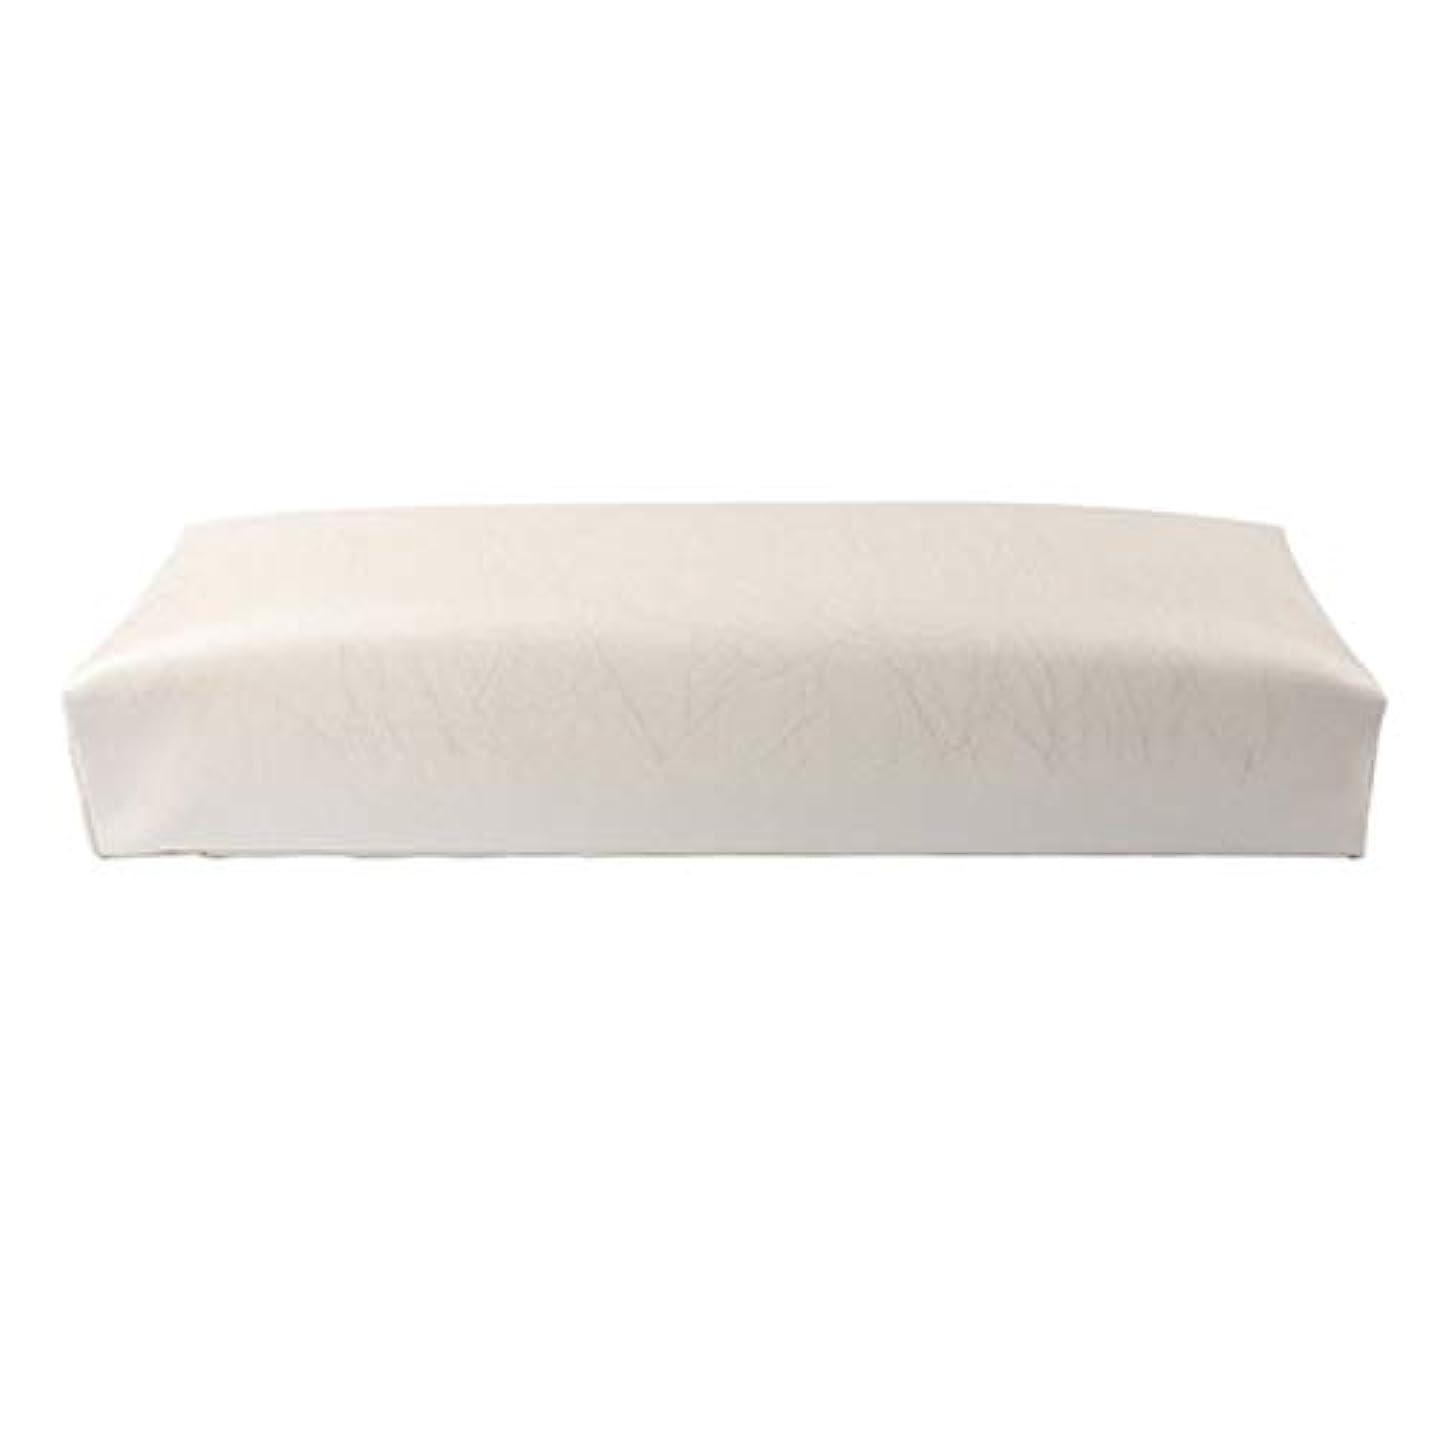 留まる悪行傑作CUHAWUDBA ネイル用マニキュアハンド枕長方形PUレザーハンドレストクッションネイルピローサロンハンドホルダーアームレストレストマニキュアネイルアートアクセサリーツールホワイト